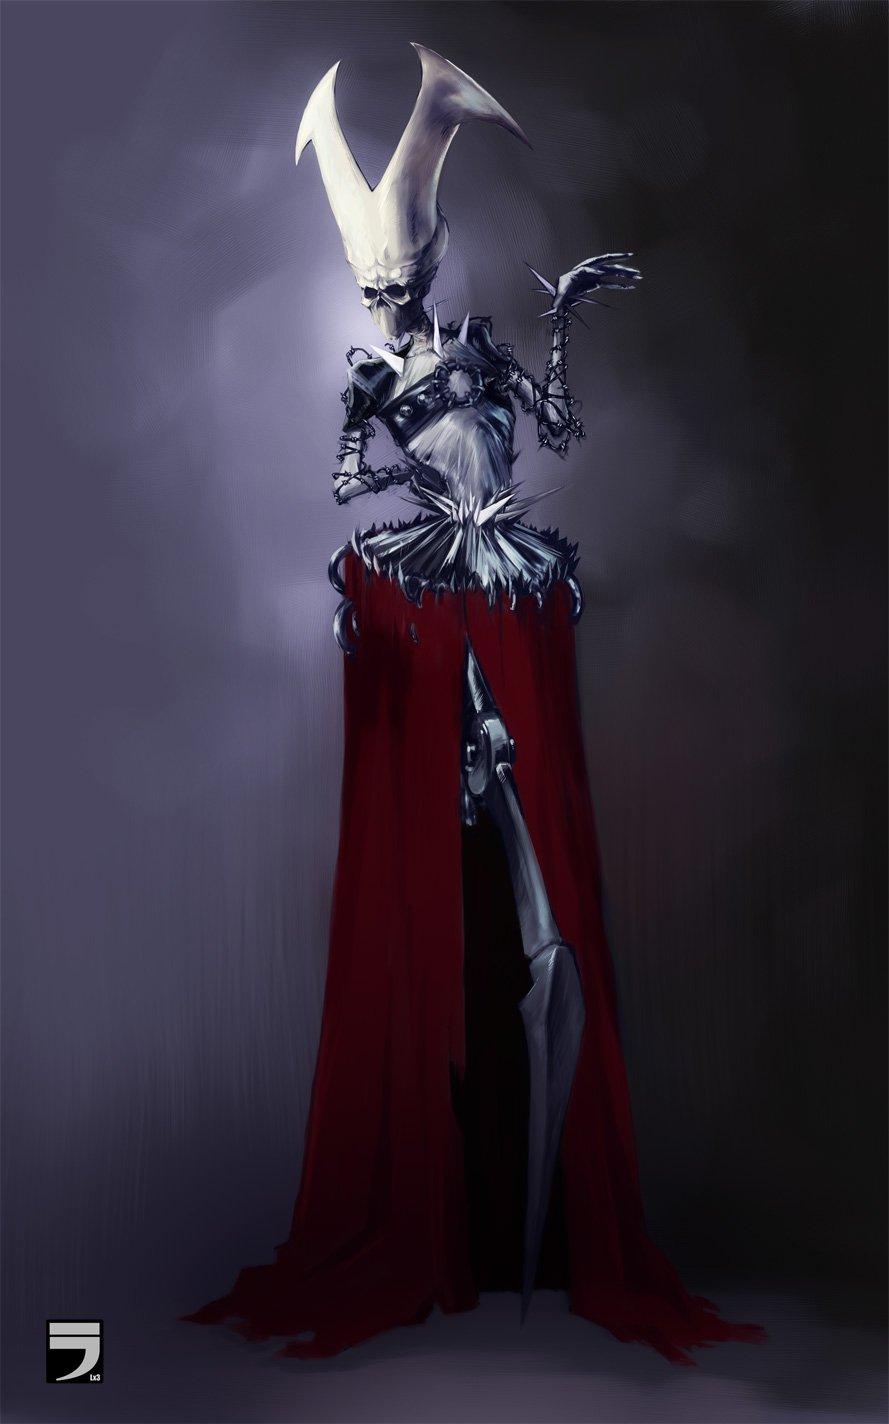 #нарисовалось #art #скелеты #hobby - Изображение 1